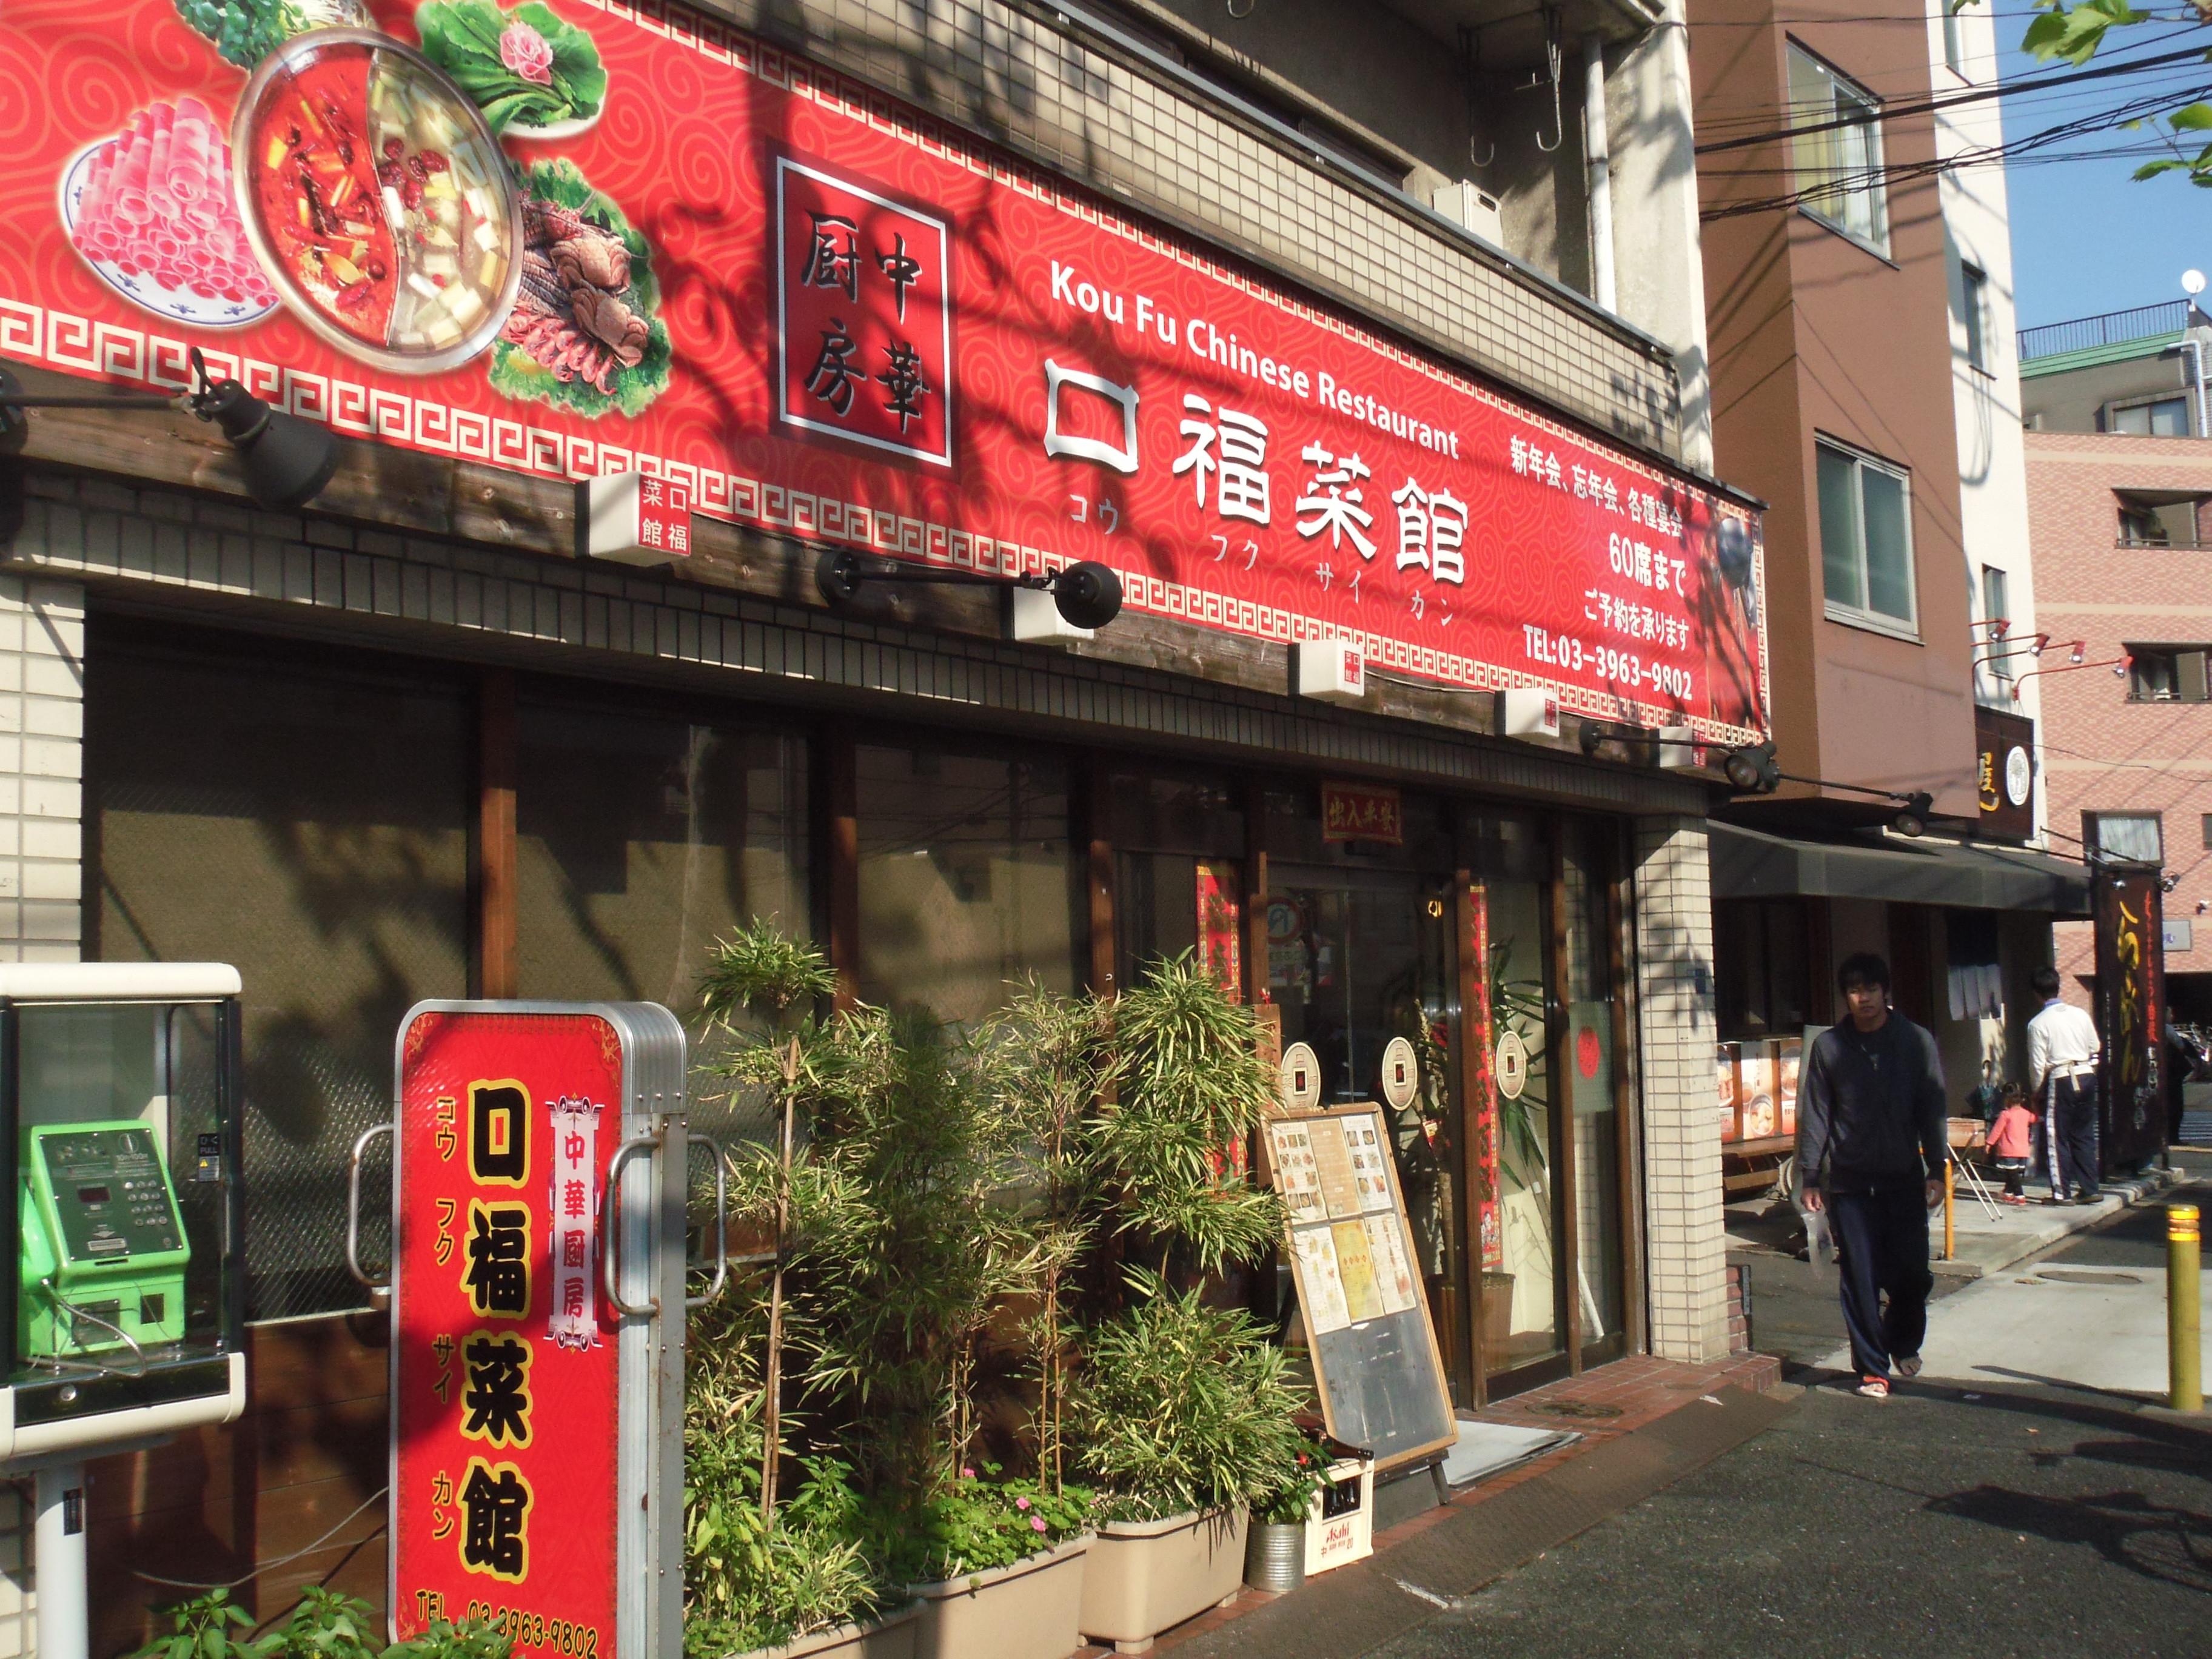 中板橋 中華料理 口福菜館様